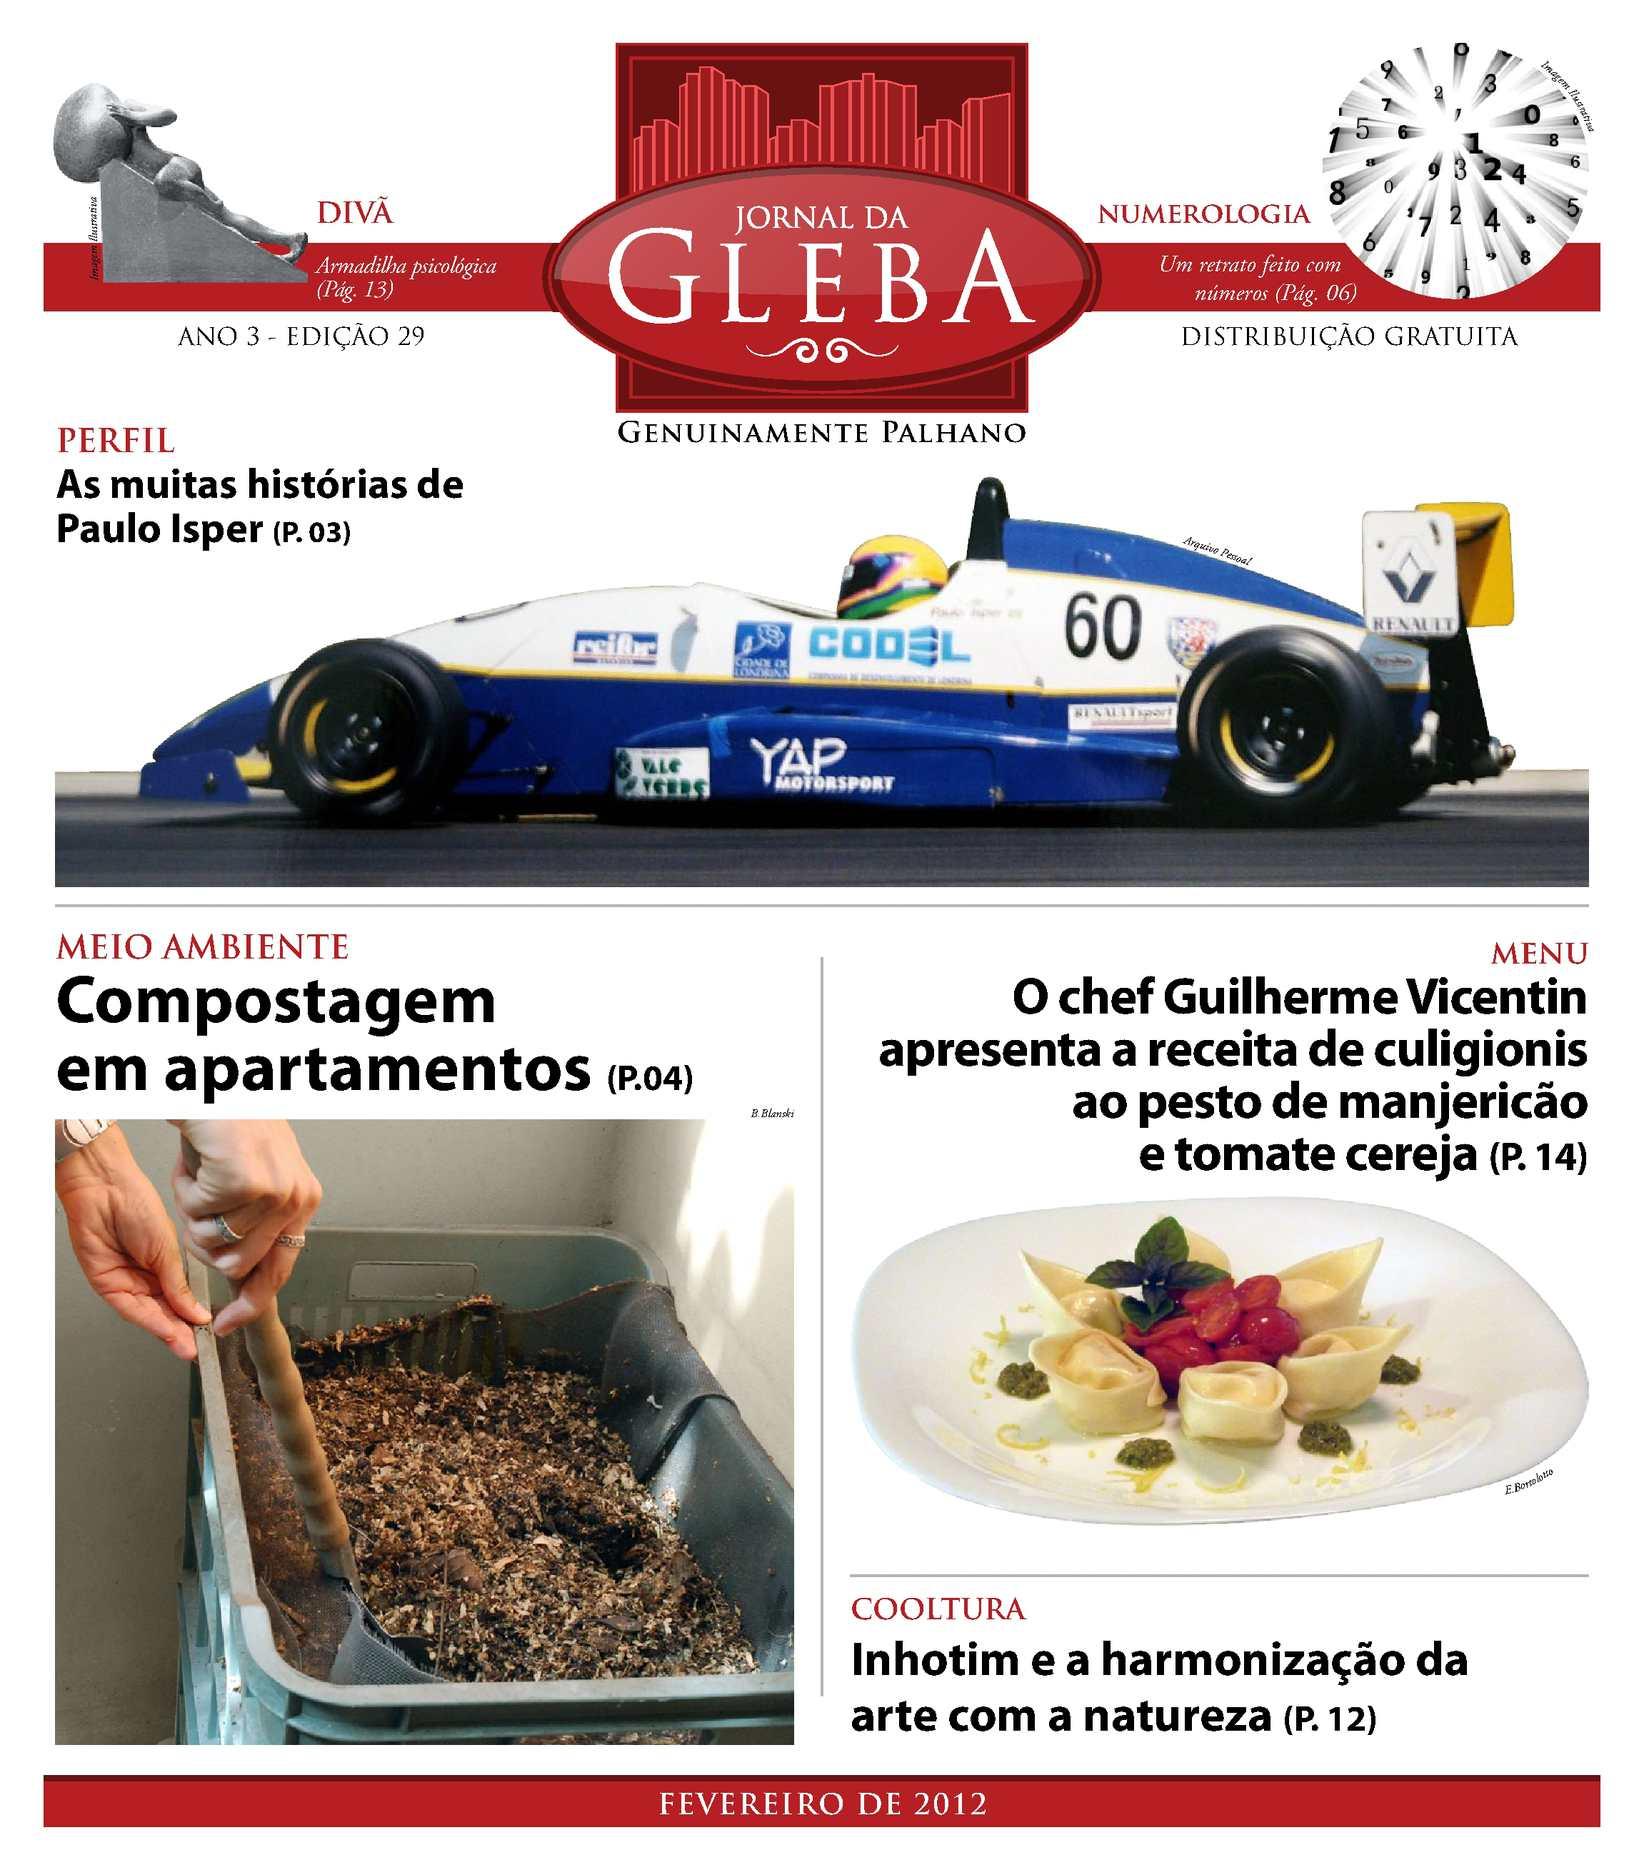 c7c605fad8f Calaméo - Jornal da Gleba - edição 29